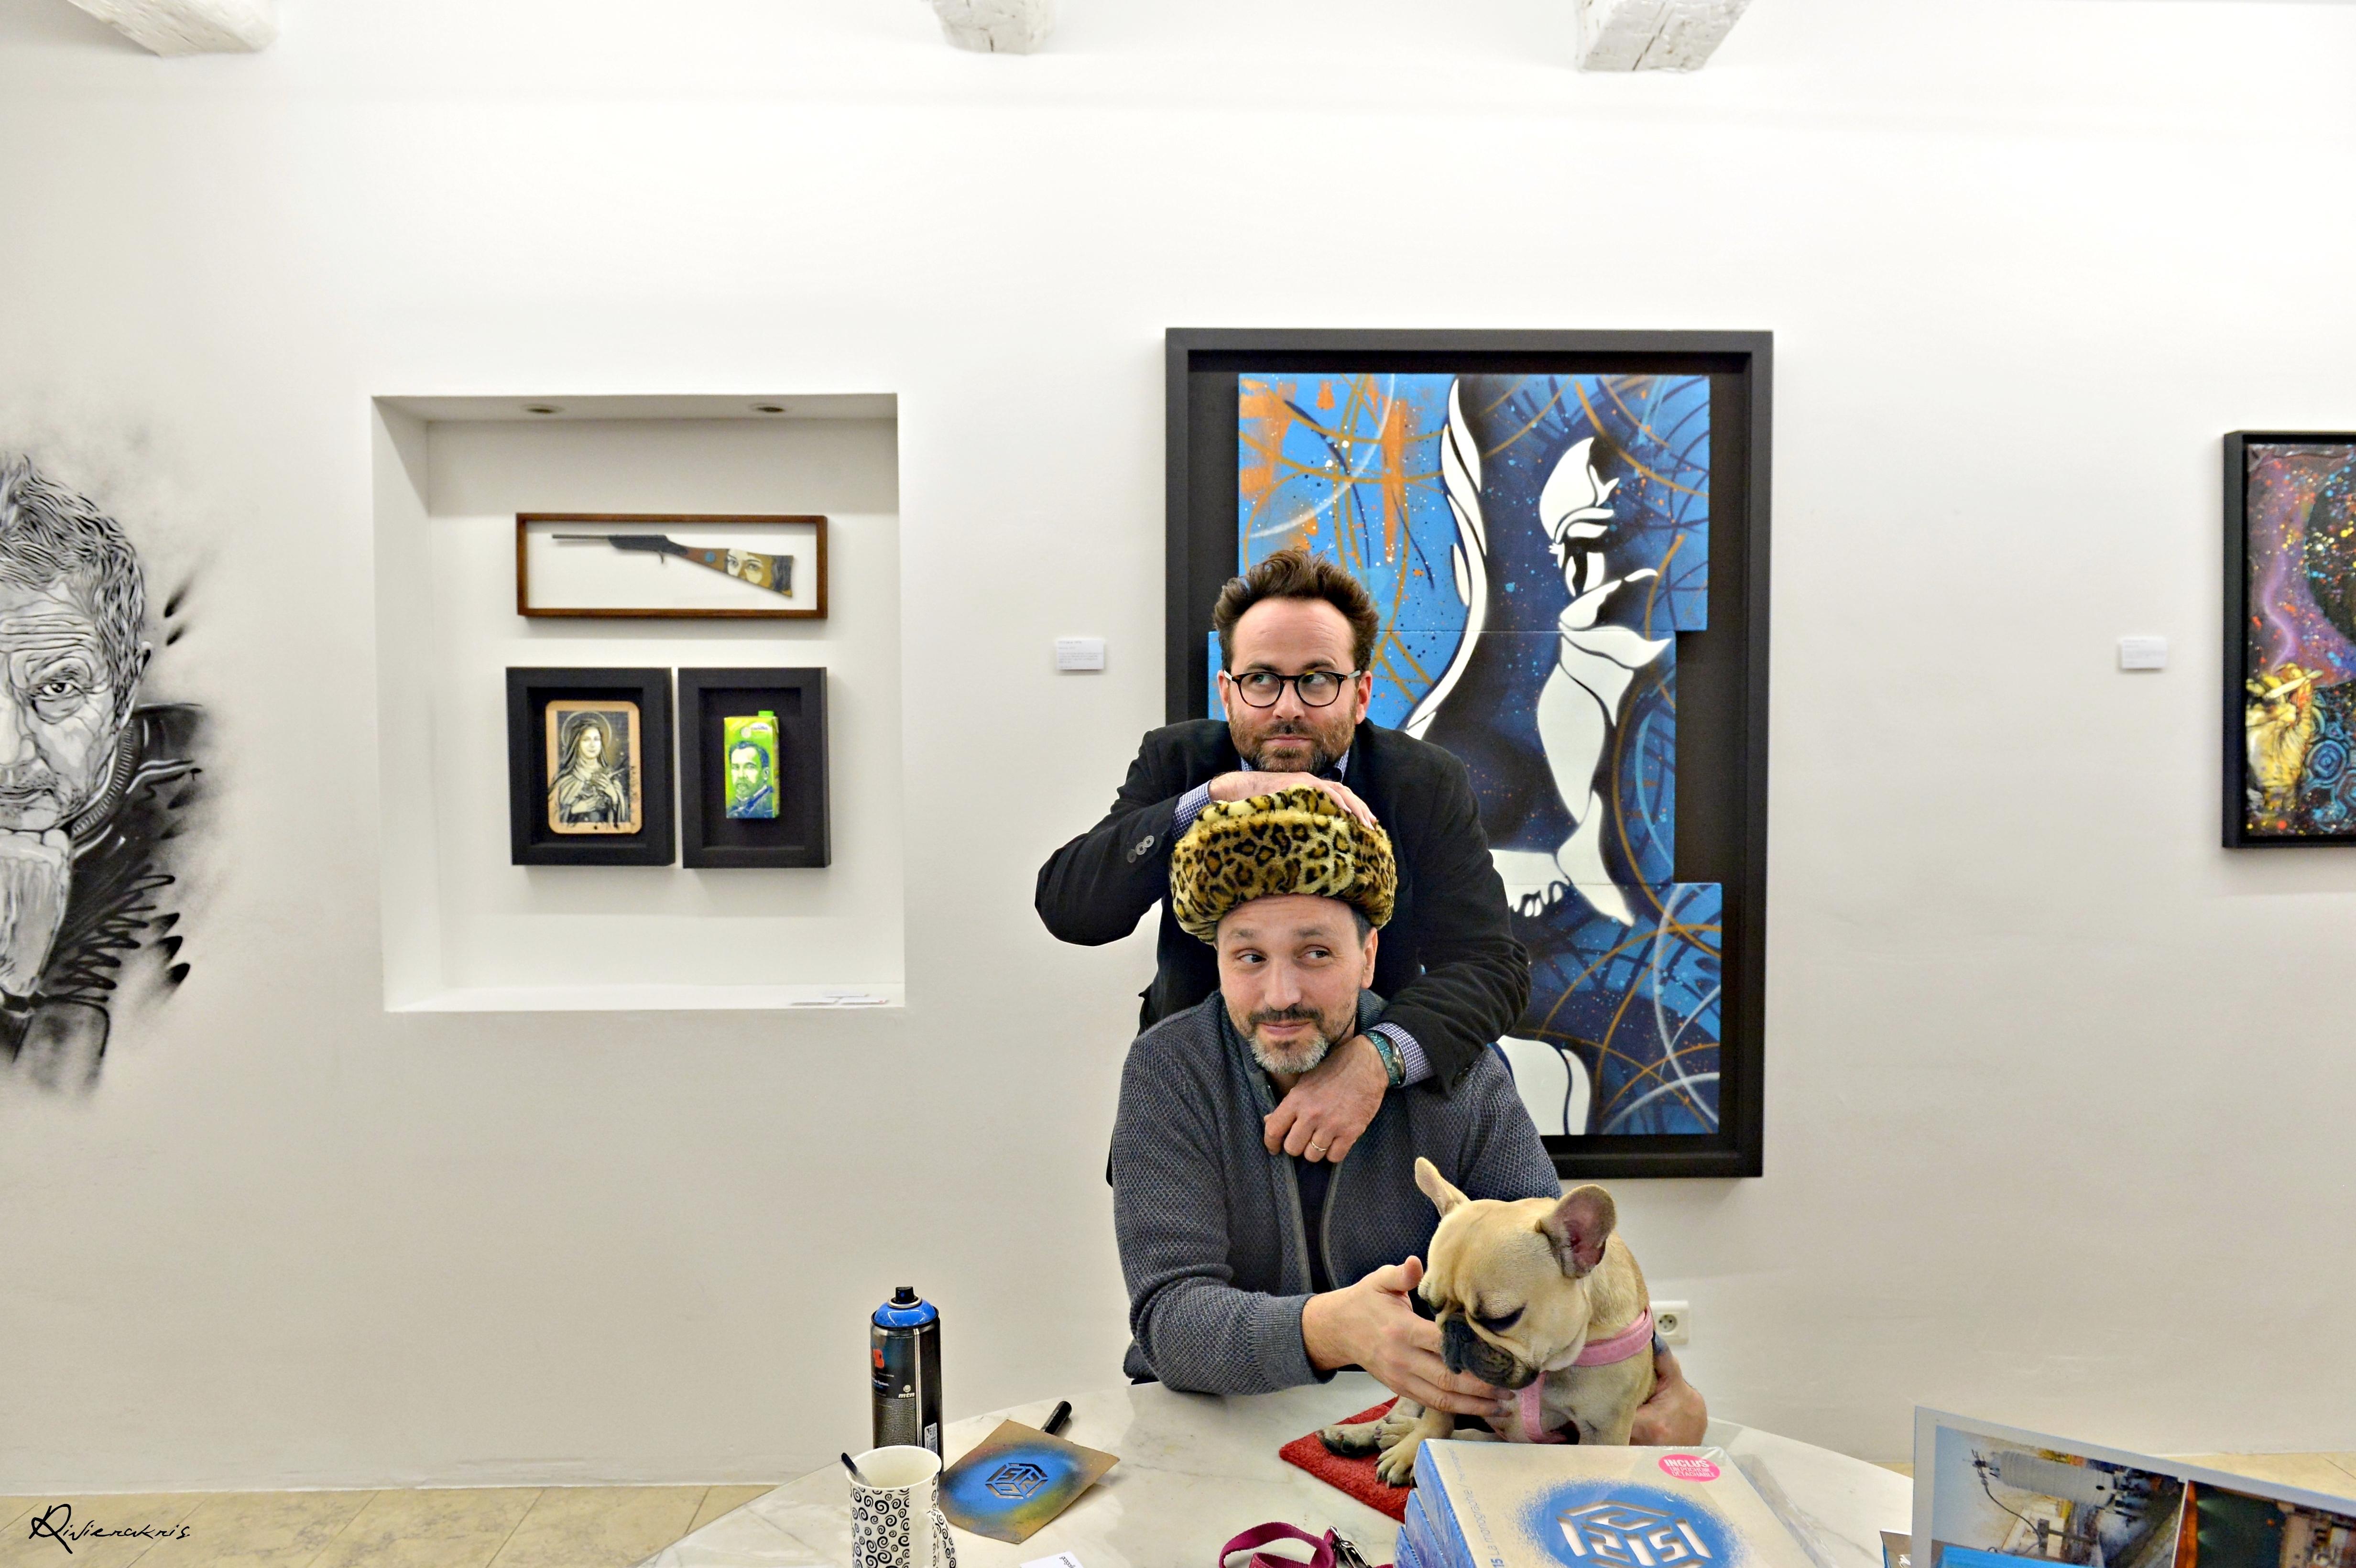 C 215 et Geoffroy Jossaume Galerie G